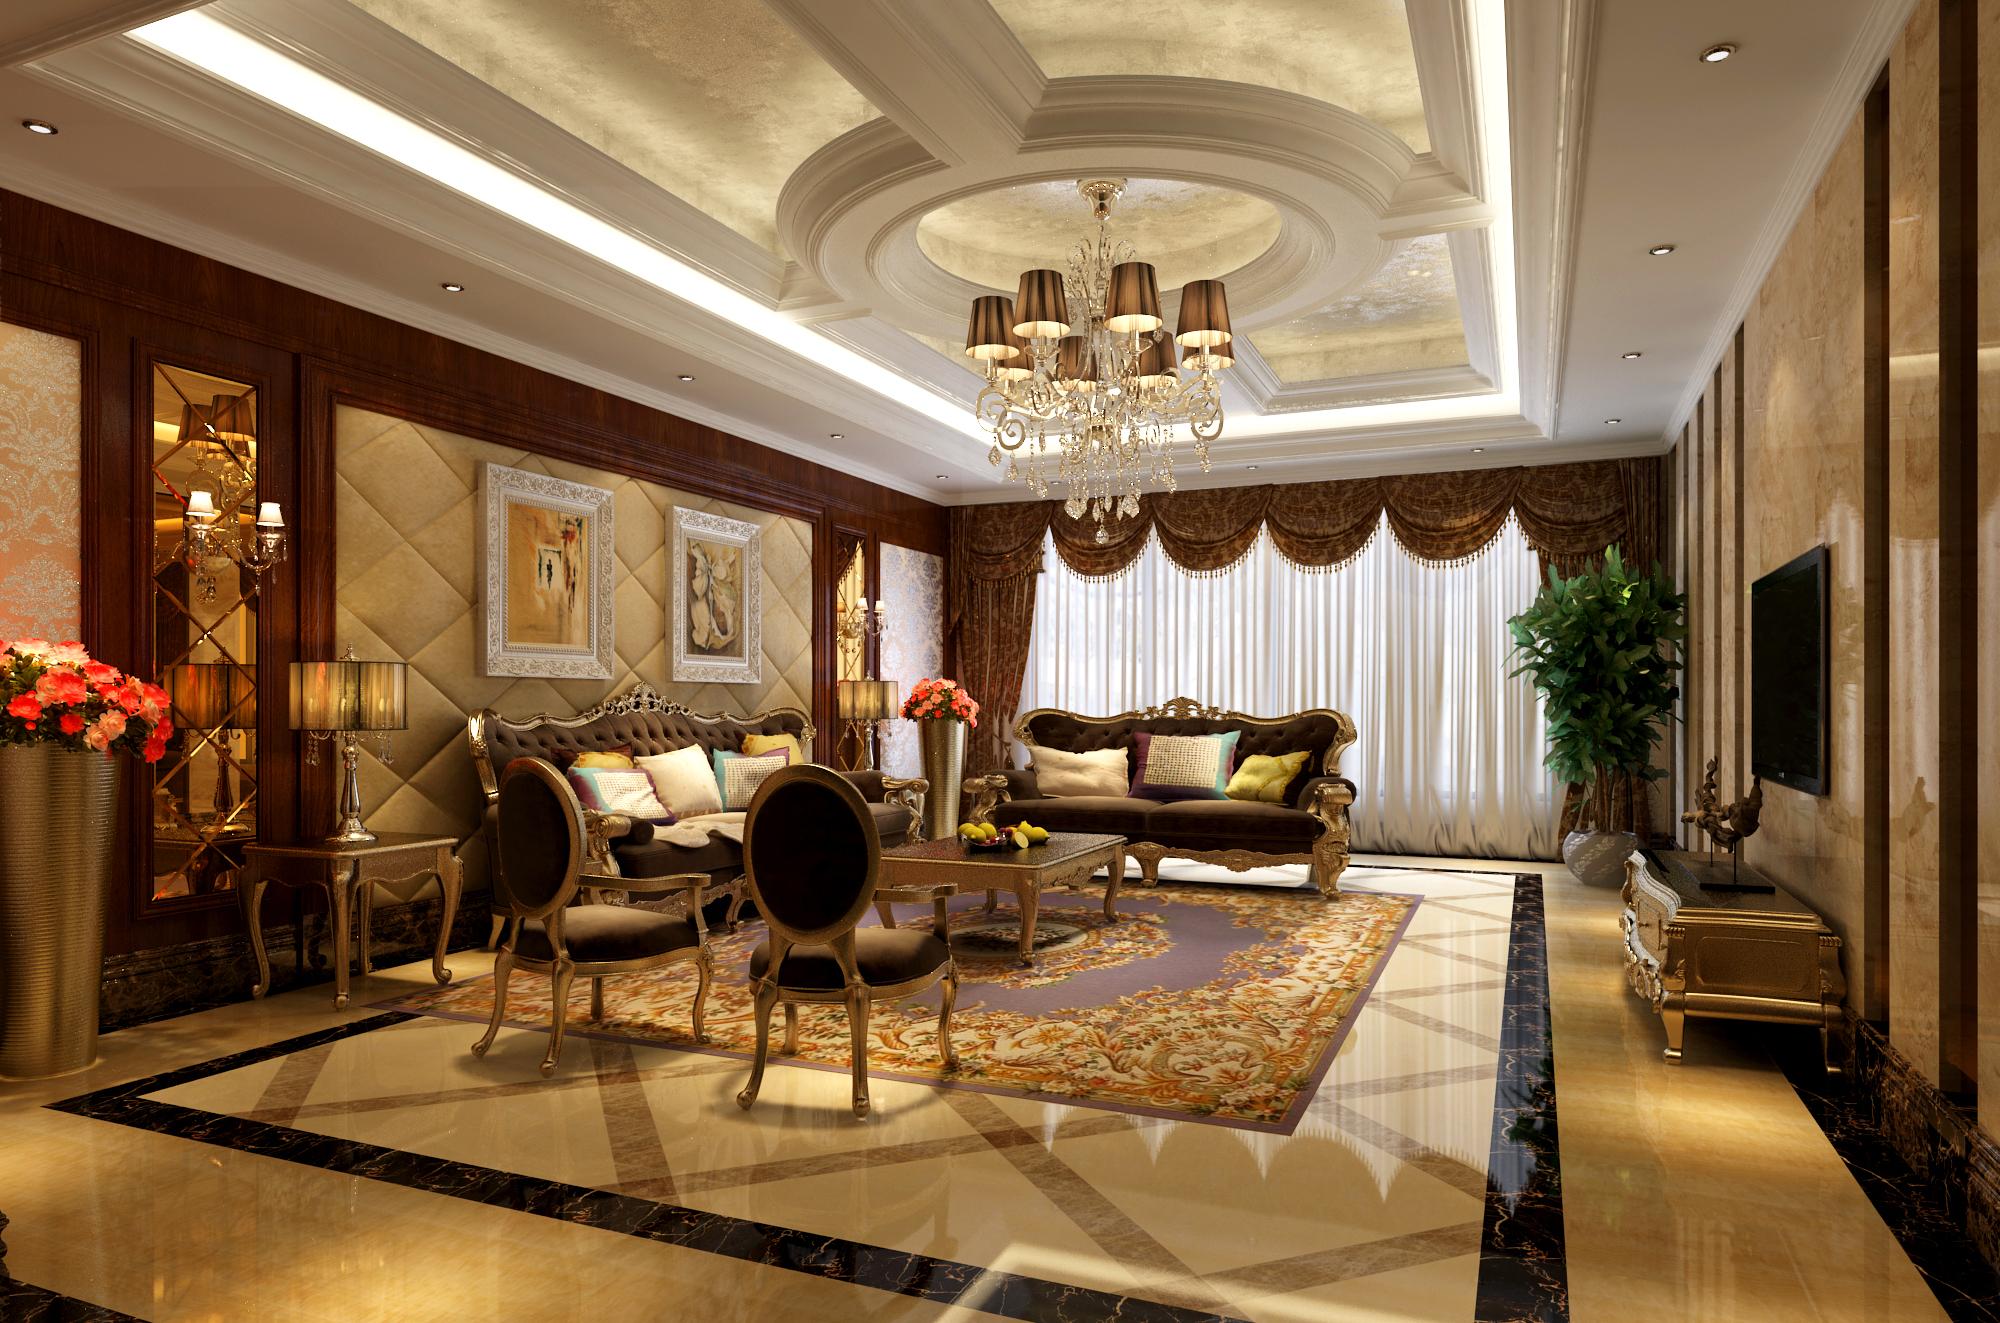 别墅 欧式 别墅设计 别墅装修 奢华 气质 客厅图片来自高度国际装饰韩冰在玲珑塔欧式奢华缔造经典的分享